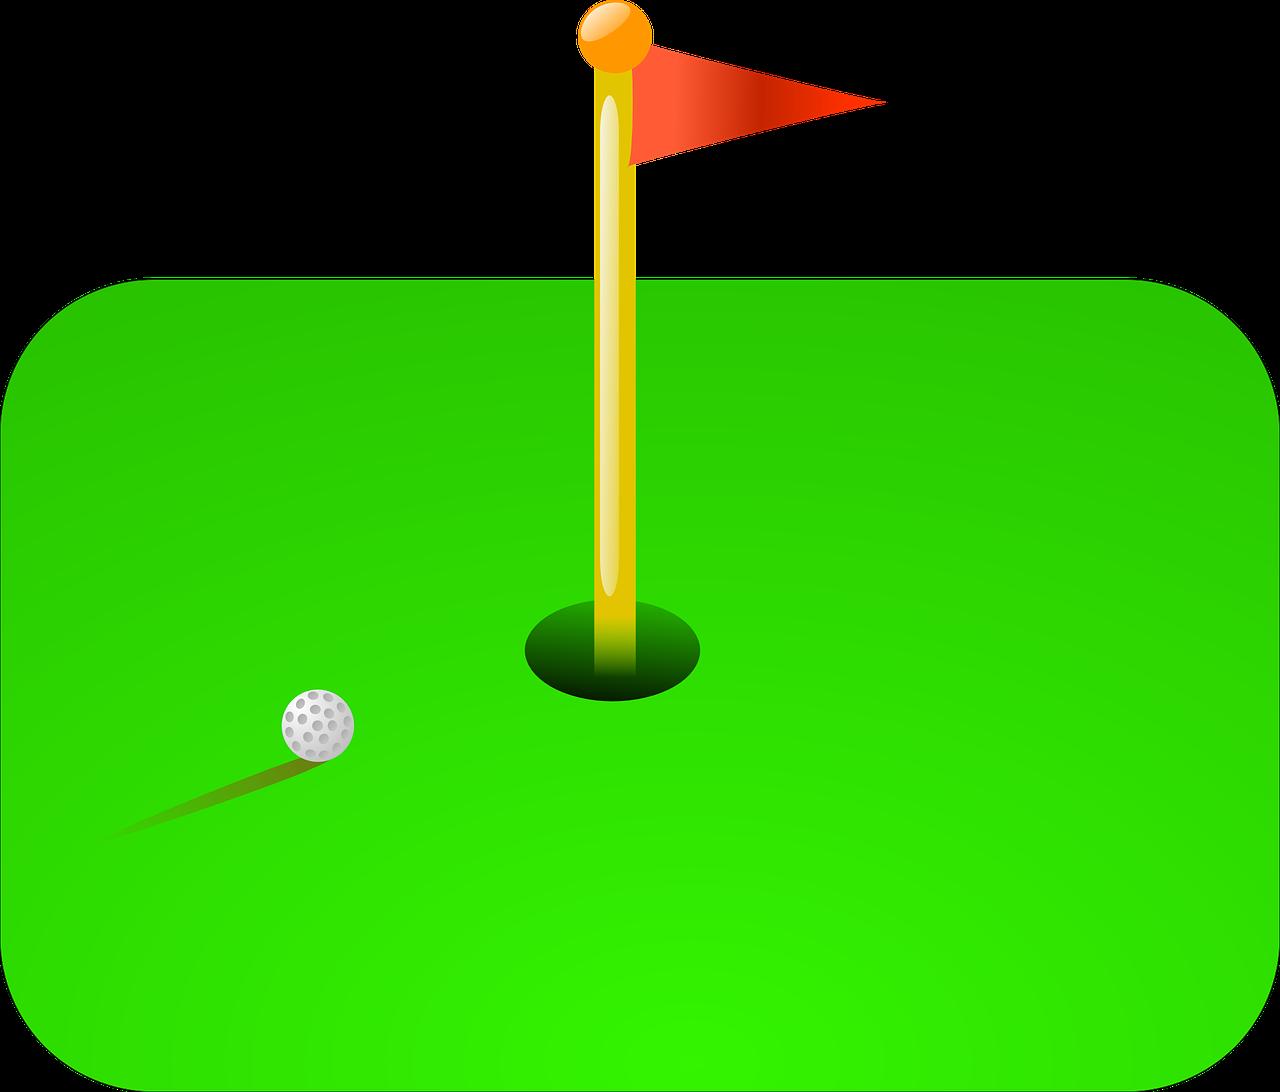 Jcc summer golf club. Golfer clipart pitch